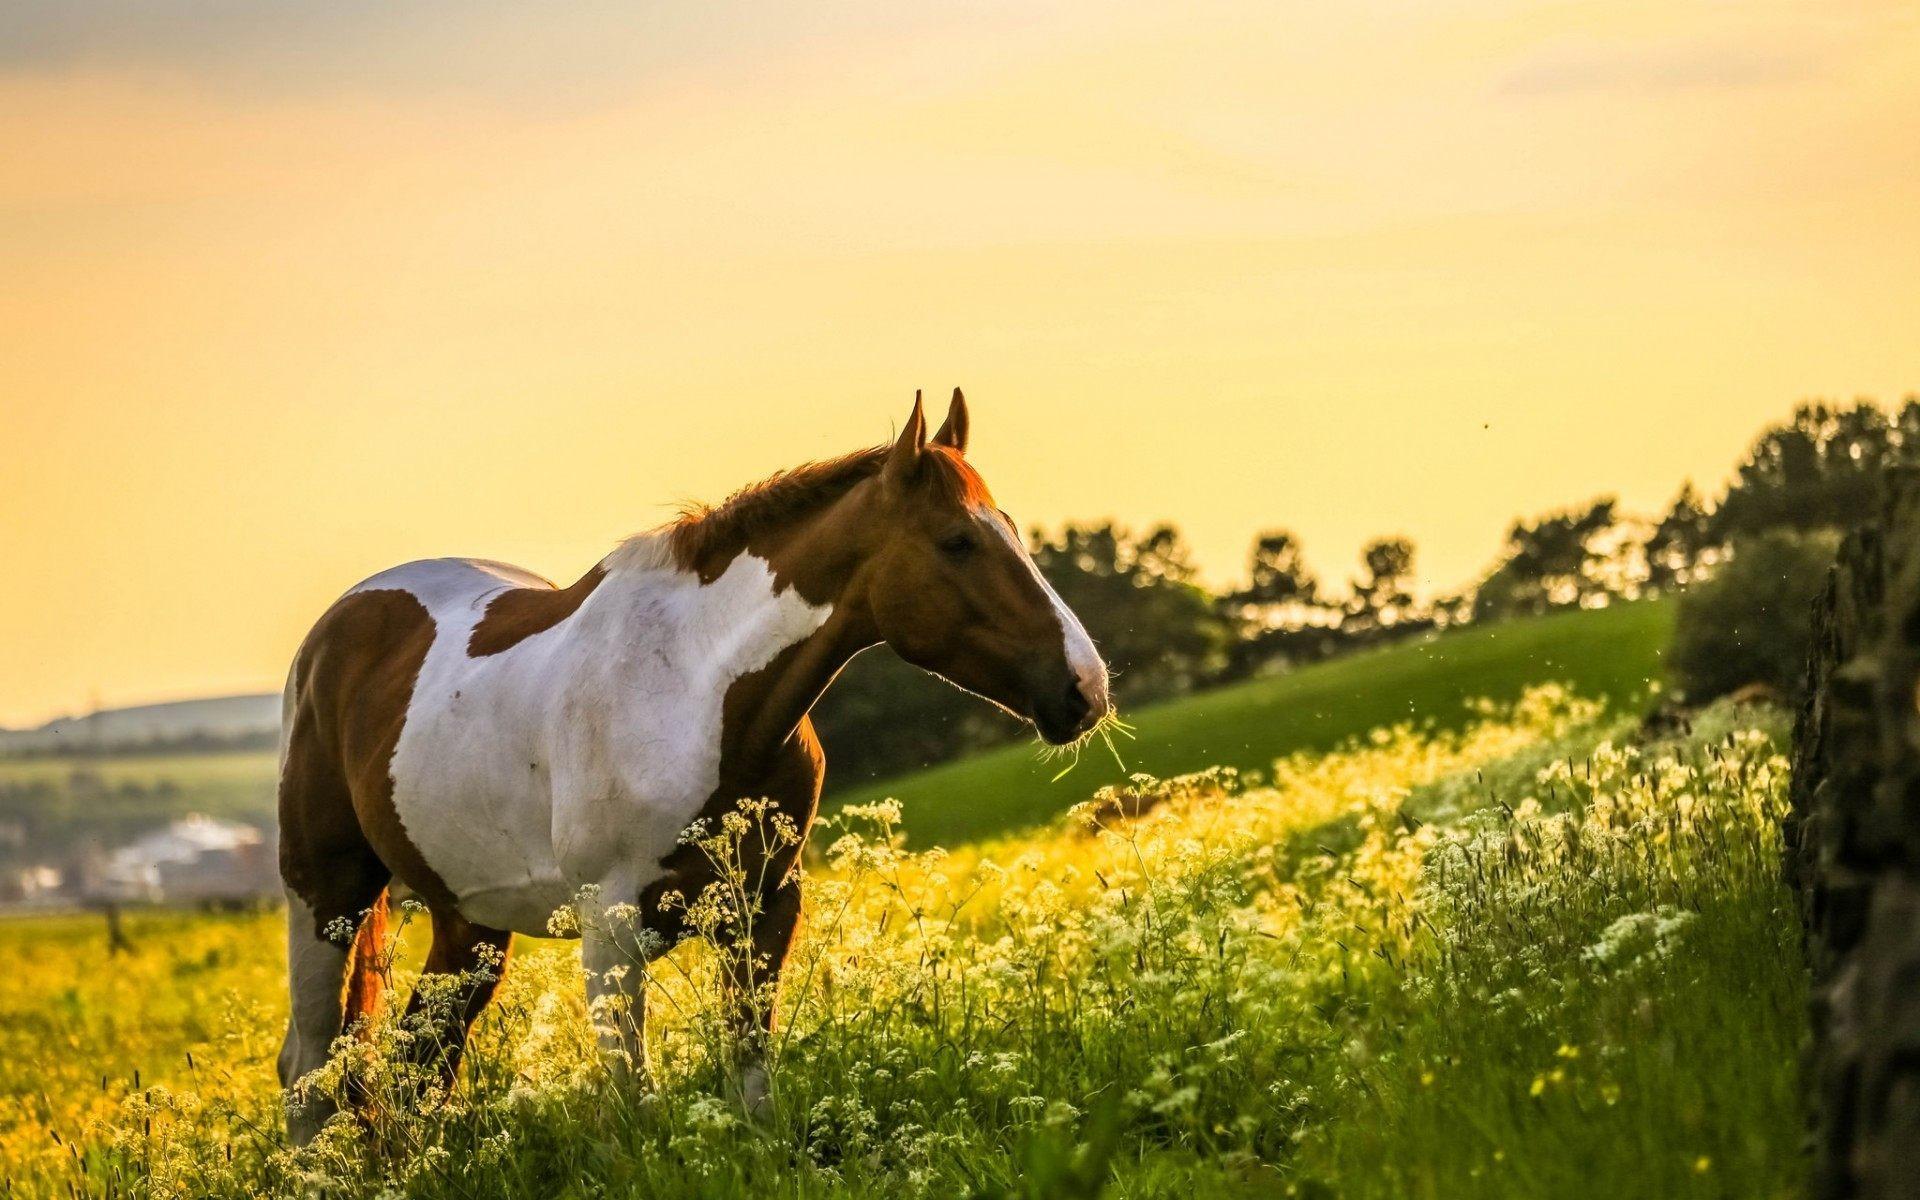 Horses Wallpaper 1